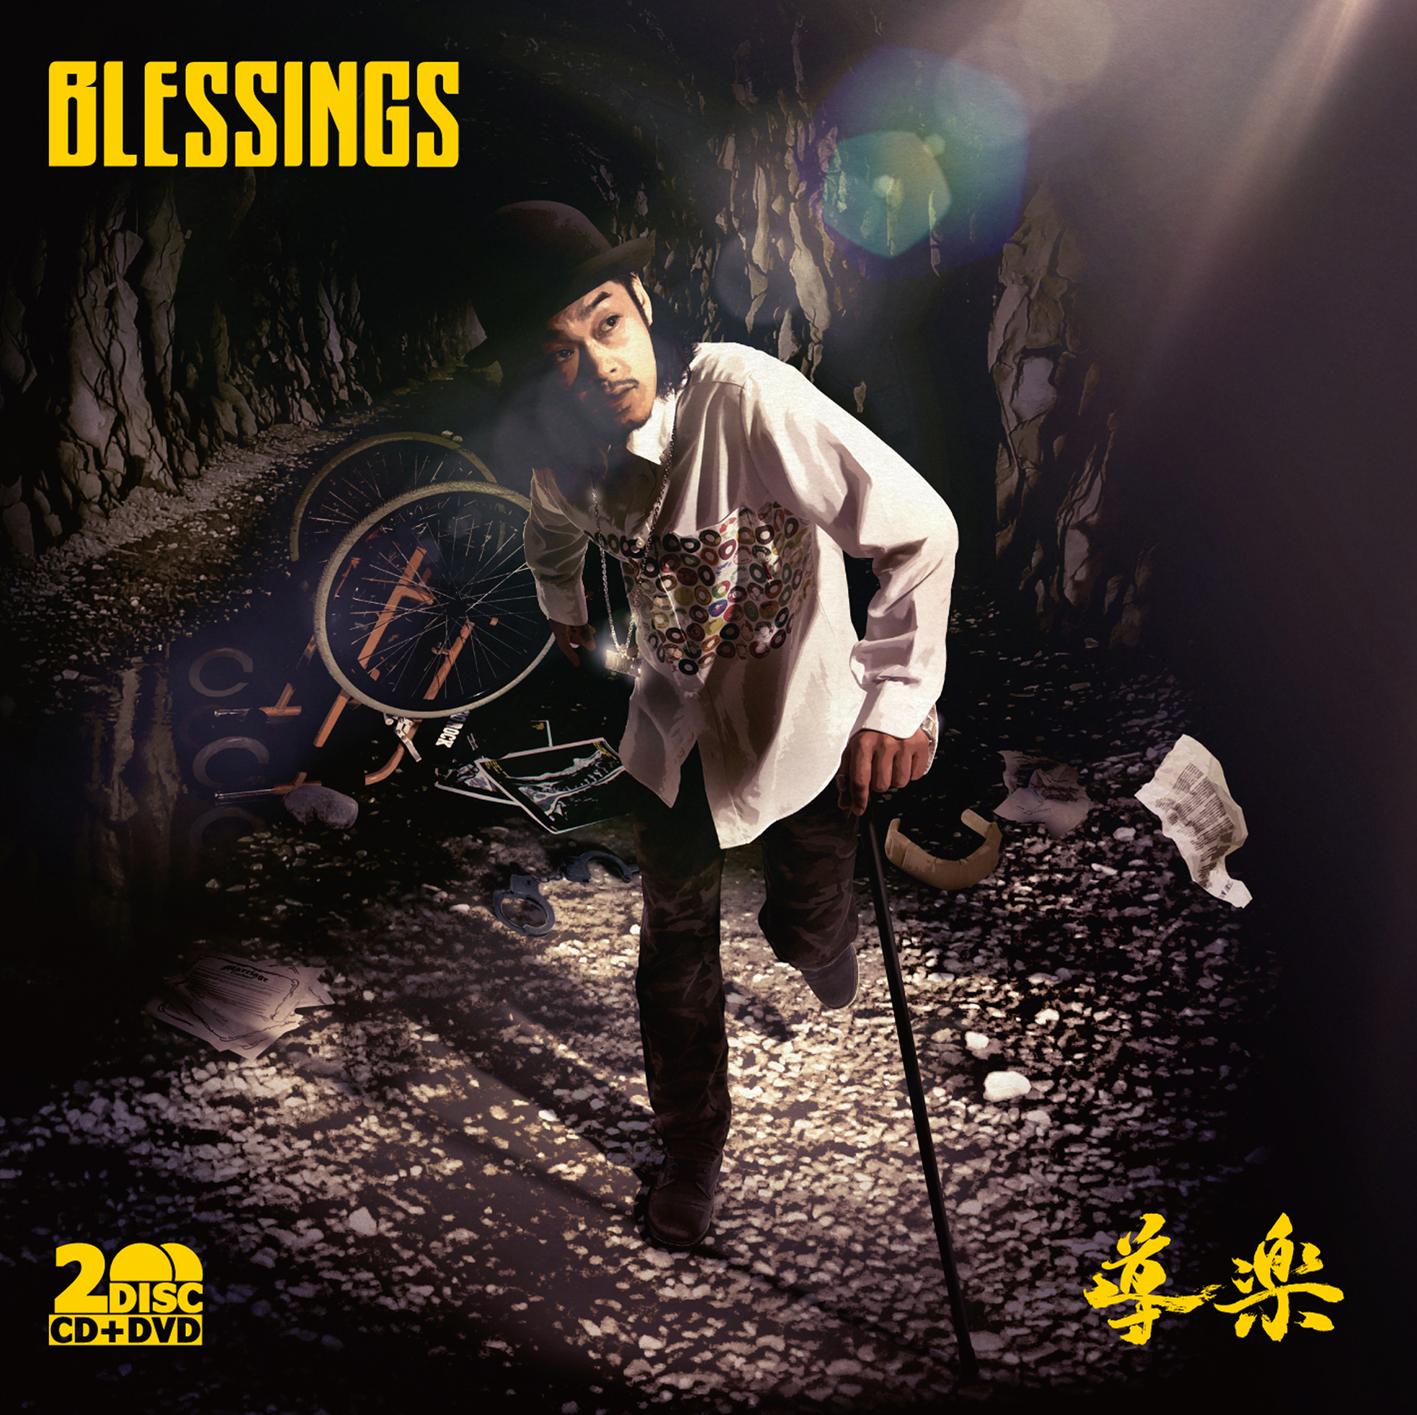 (CD+DVD) 限定盤 BLESSINGS